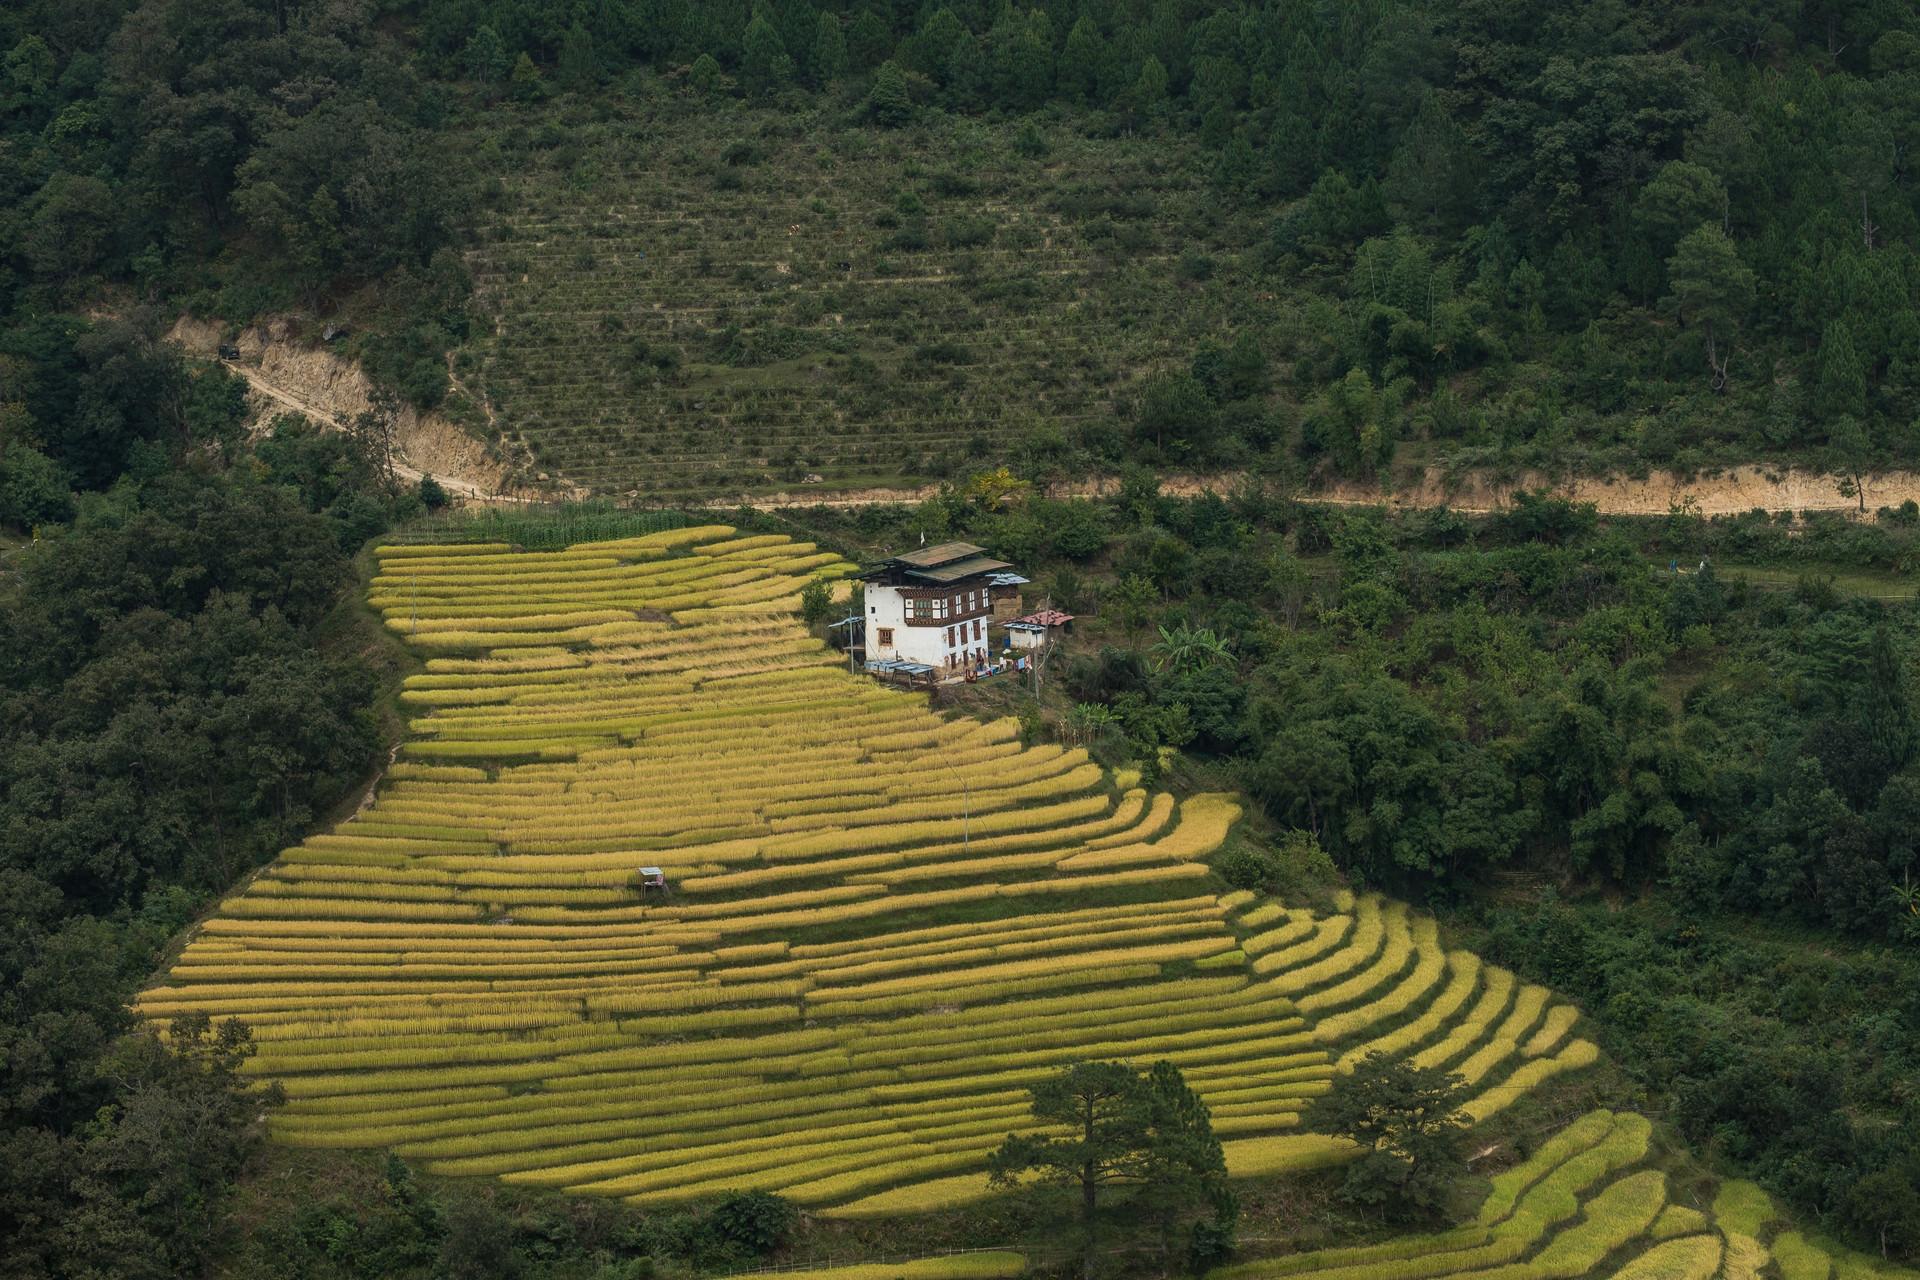 bhutan-225042.jpg